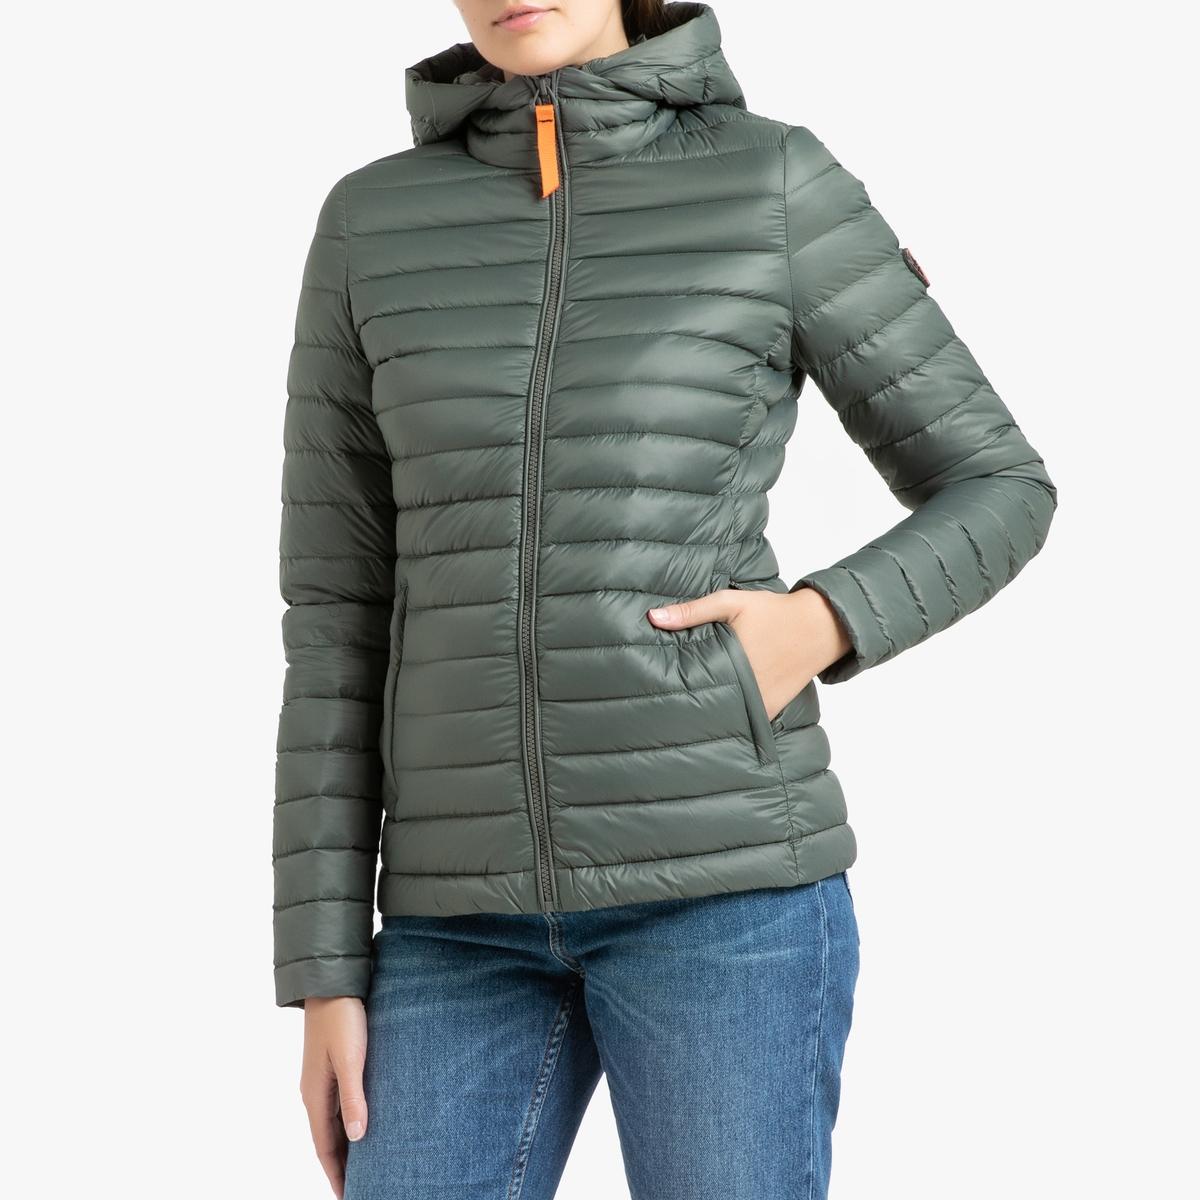 цена Куртка La Redoute Стеганая короткая с капюшоном FRANCINE MAT 4(XL) зеленый в интернет-магазинах